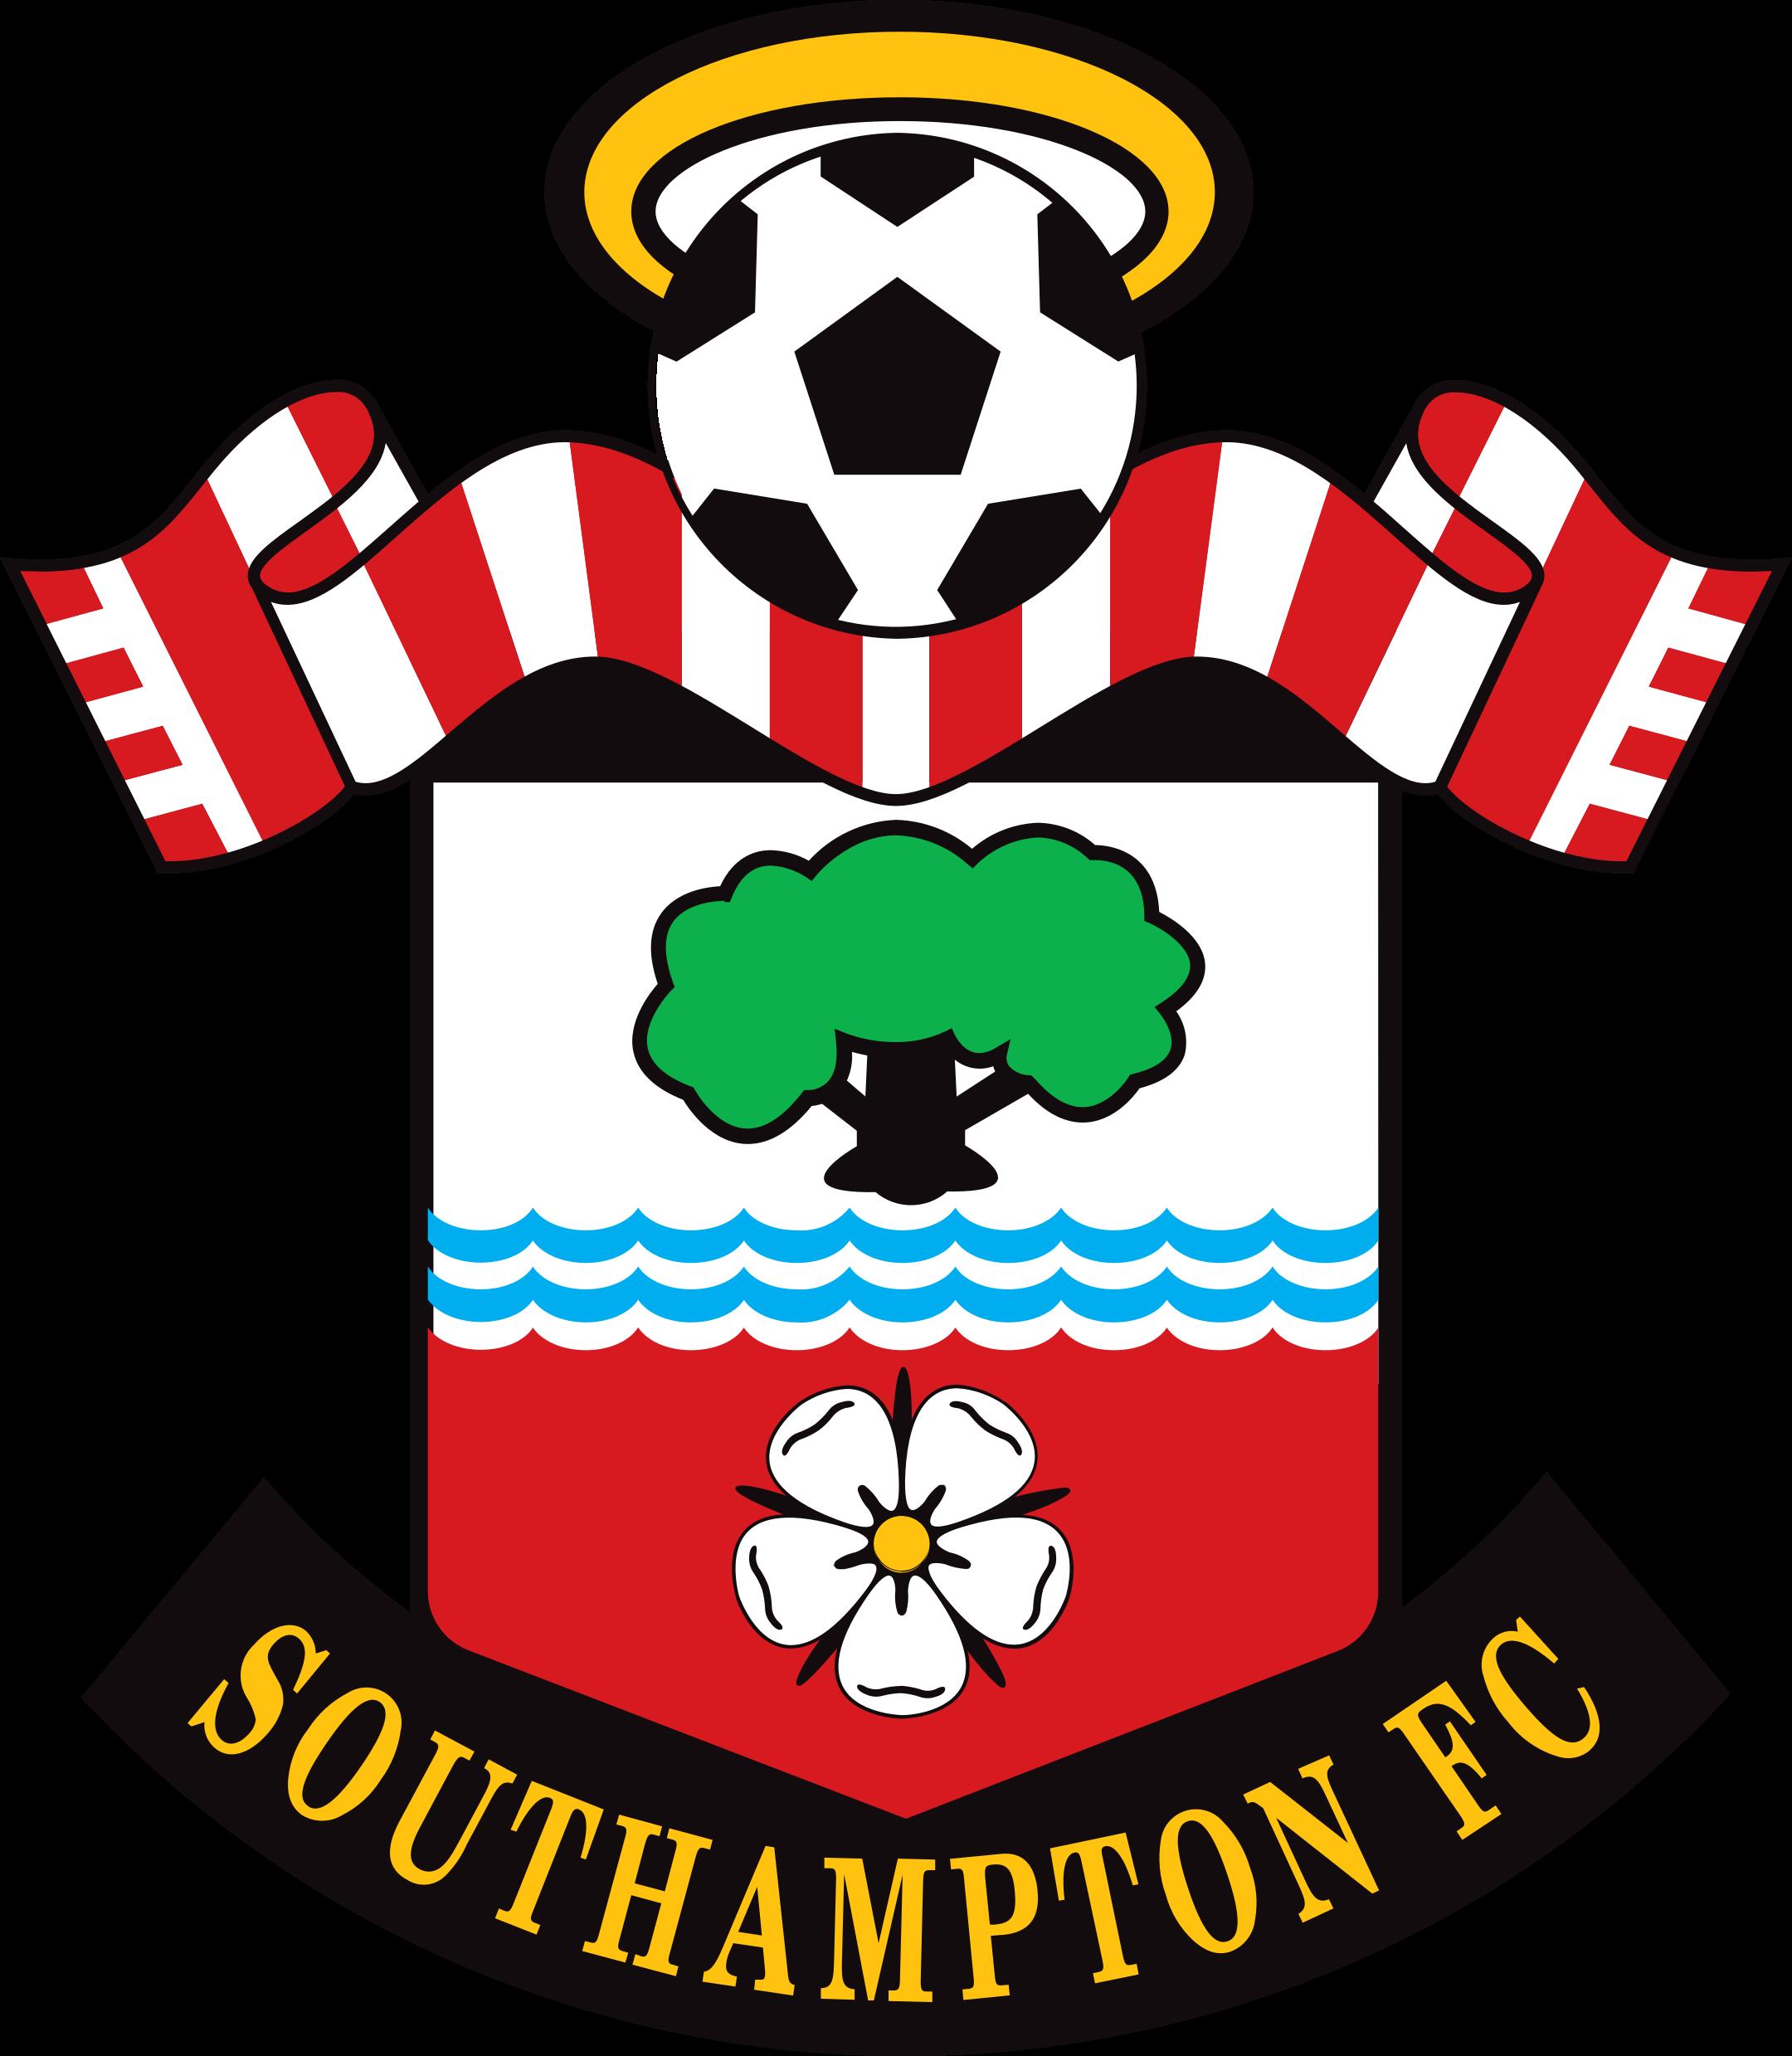 southampton fc logo 1 - Southampton FC Logo